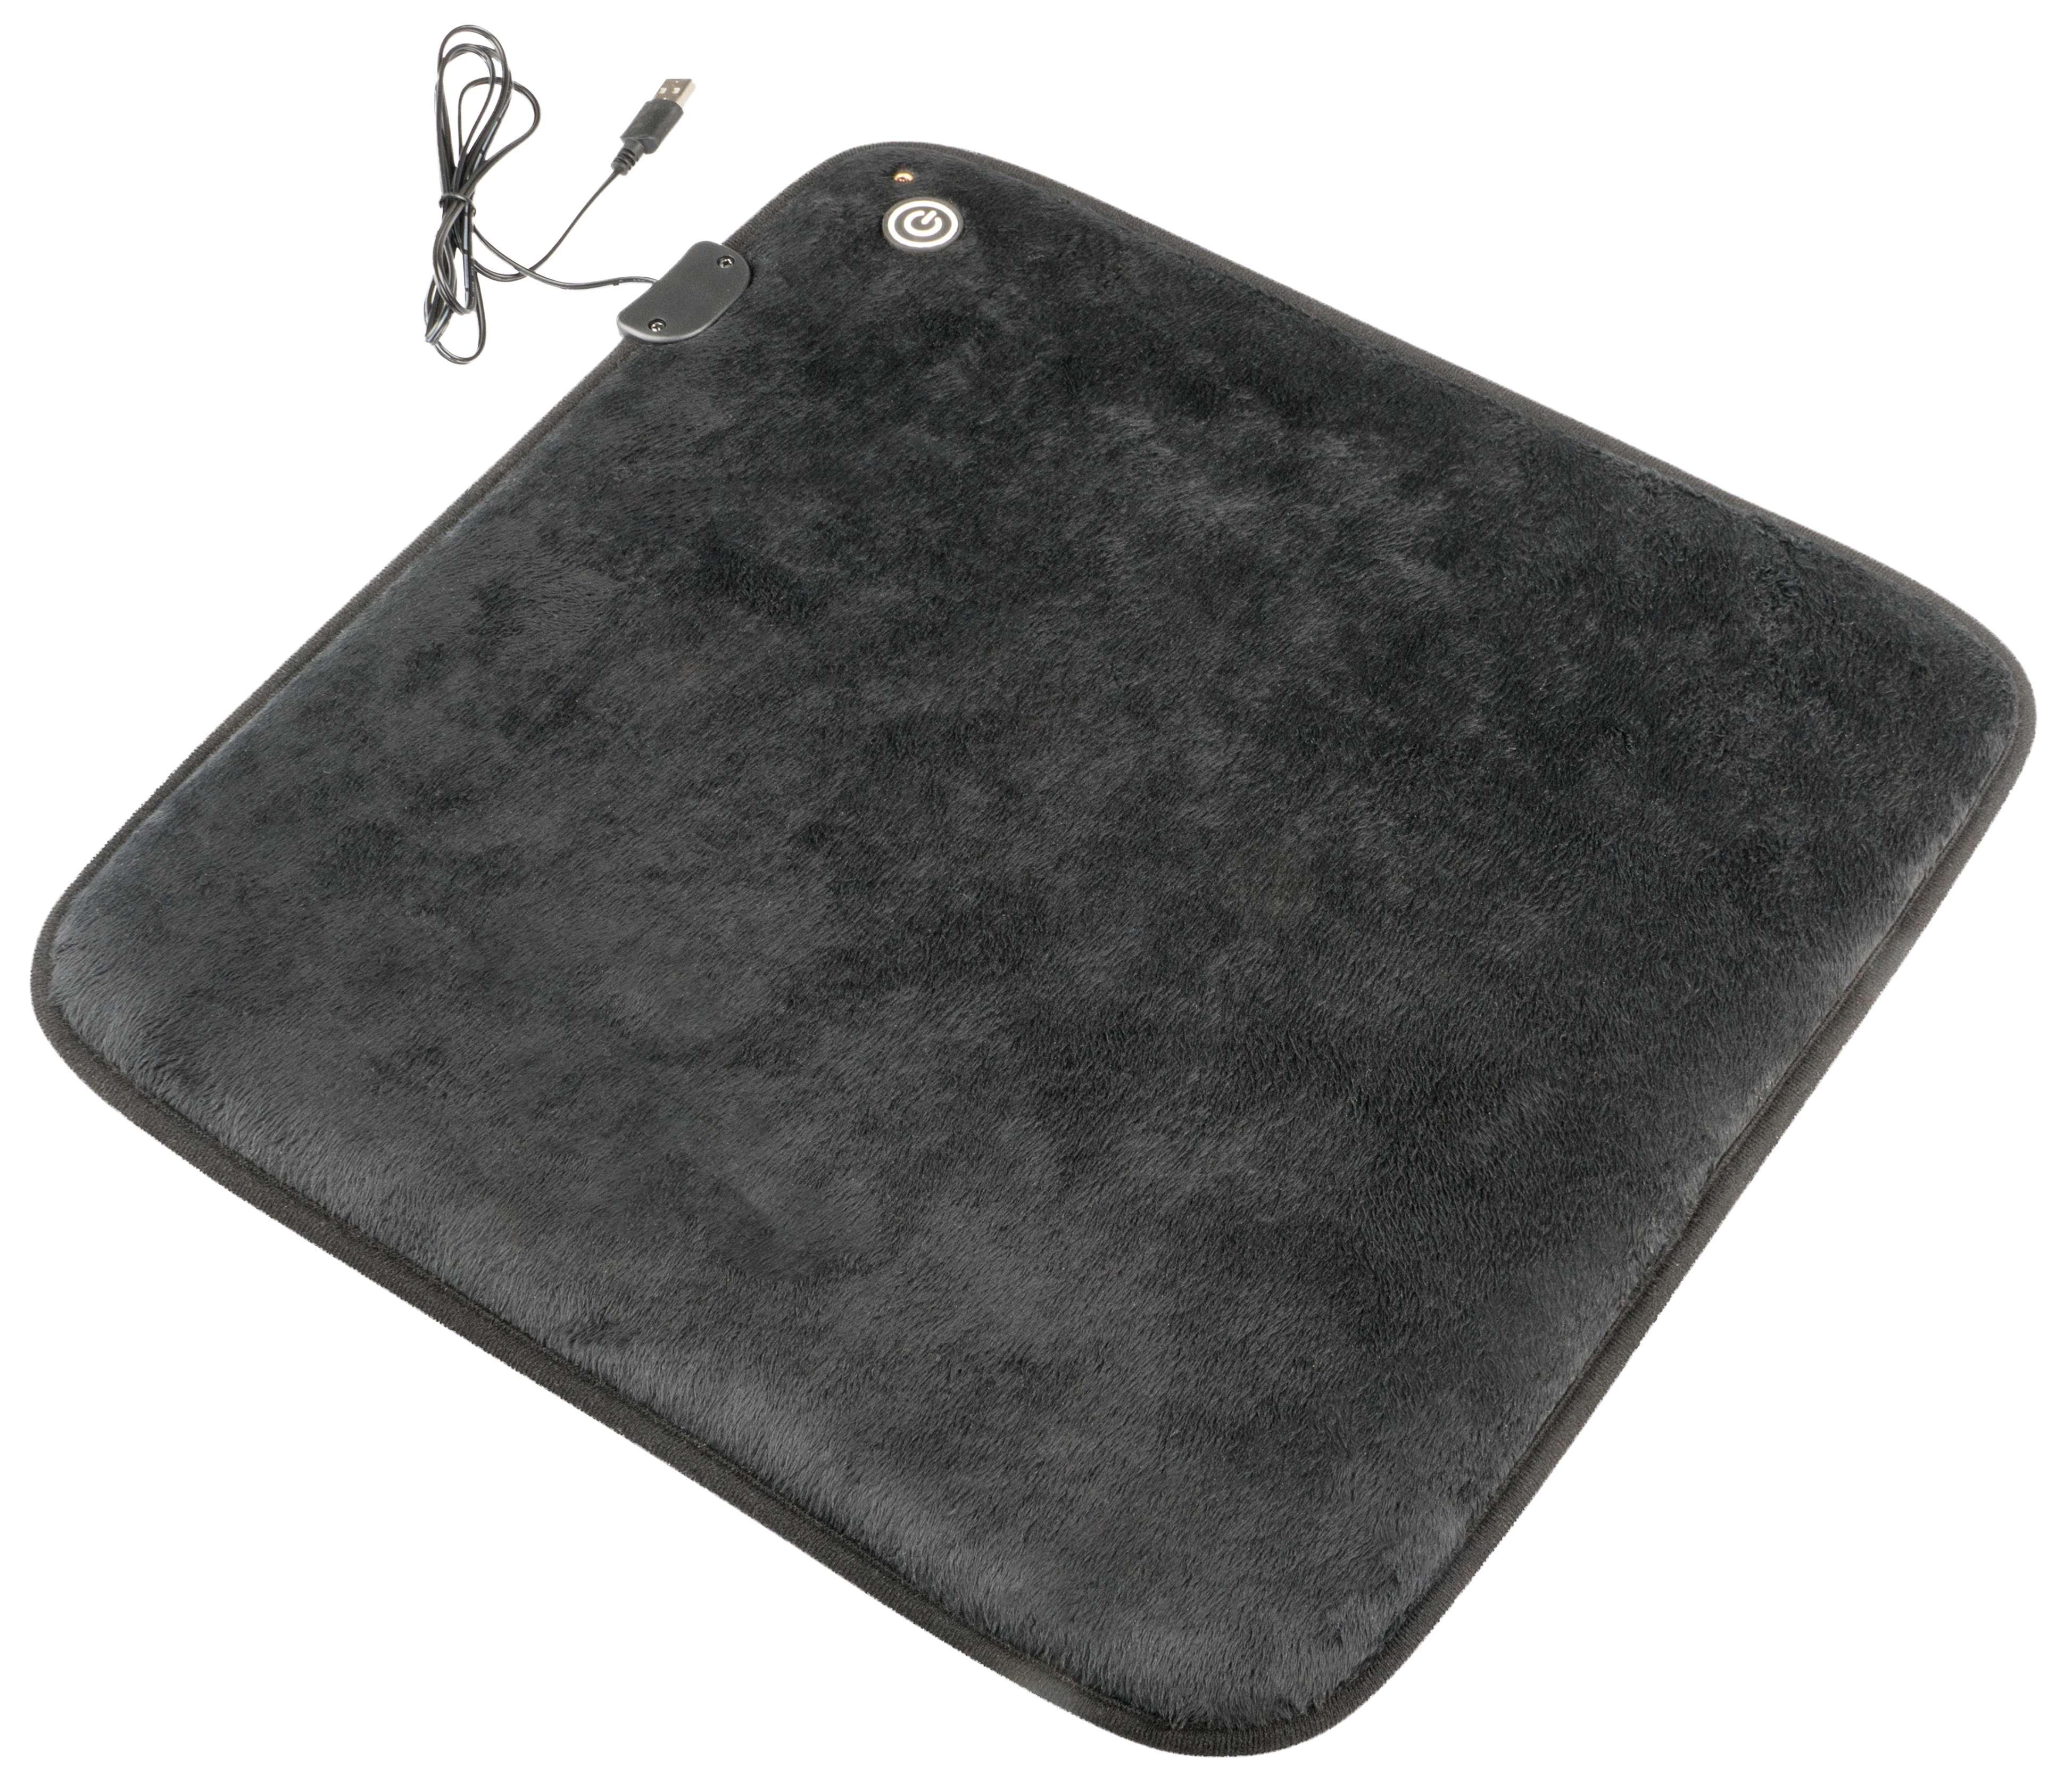 Θερμαινόμενο Κάλυμμα Καθίσματος 16648 WALSER 16648 Γνήσια ποιότητας